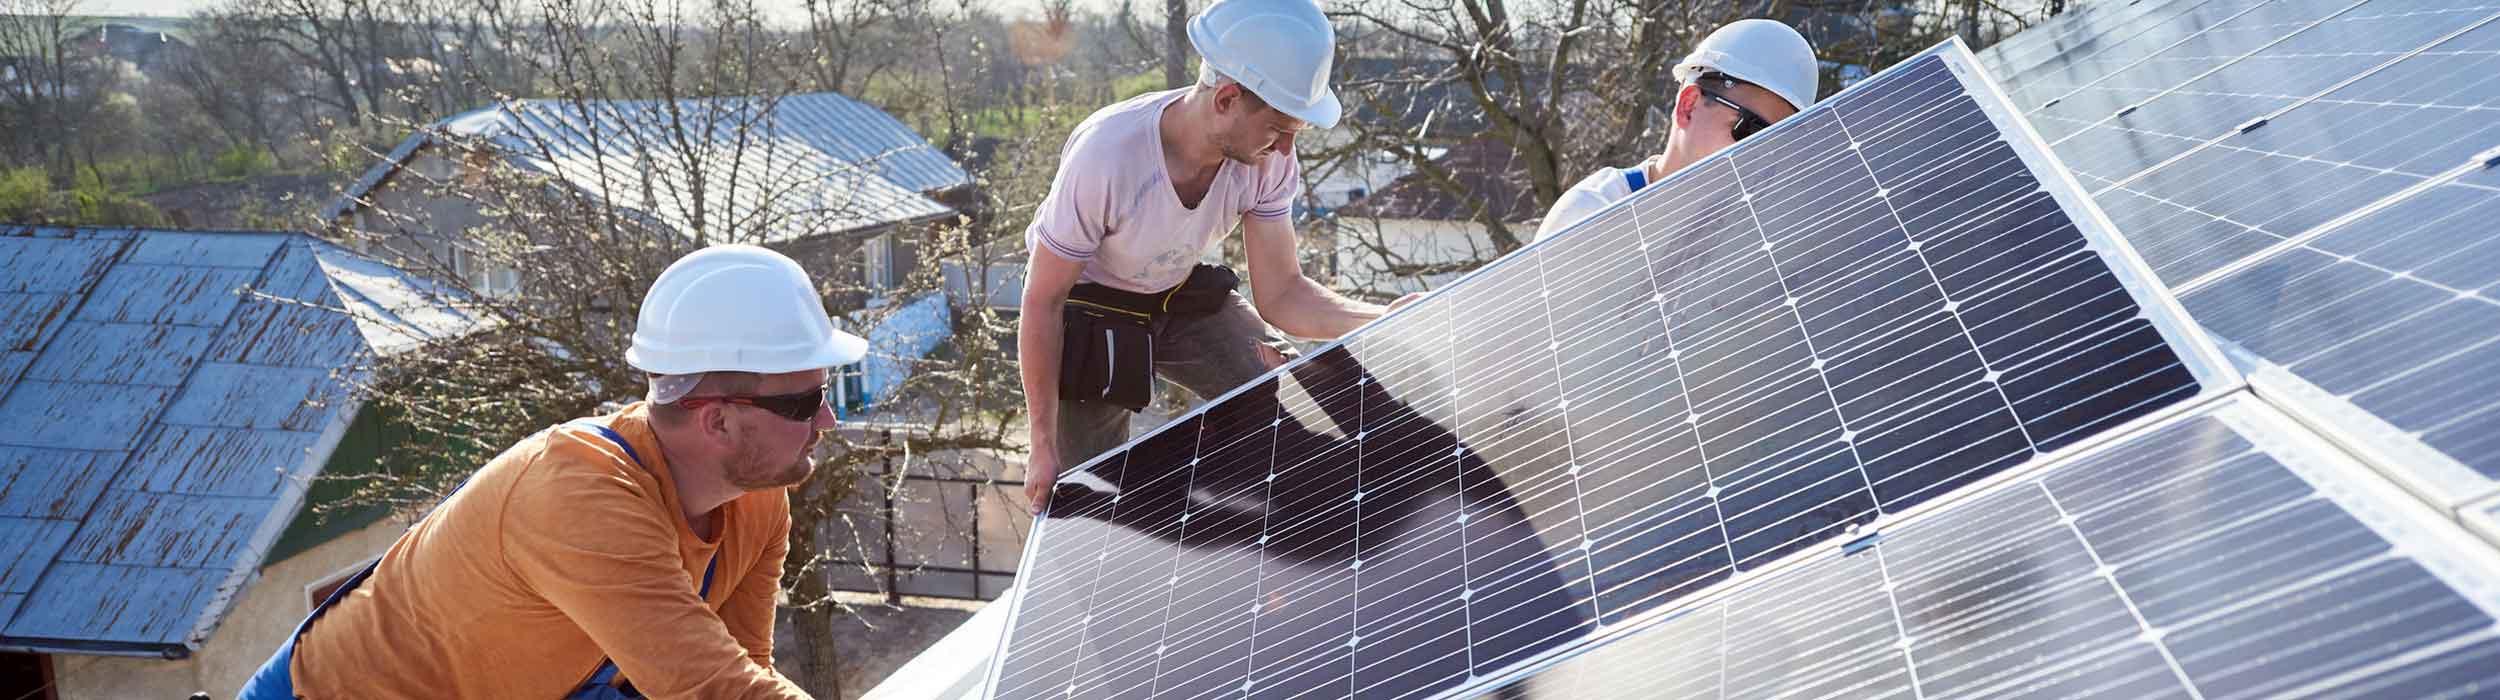 Installation panneaux photovoltaïques Tain-L'Hermitage Drôme